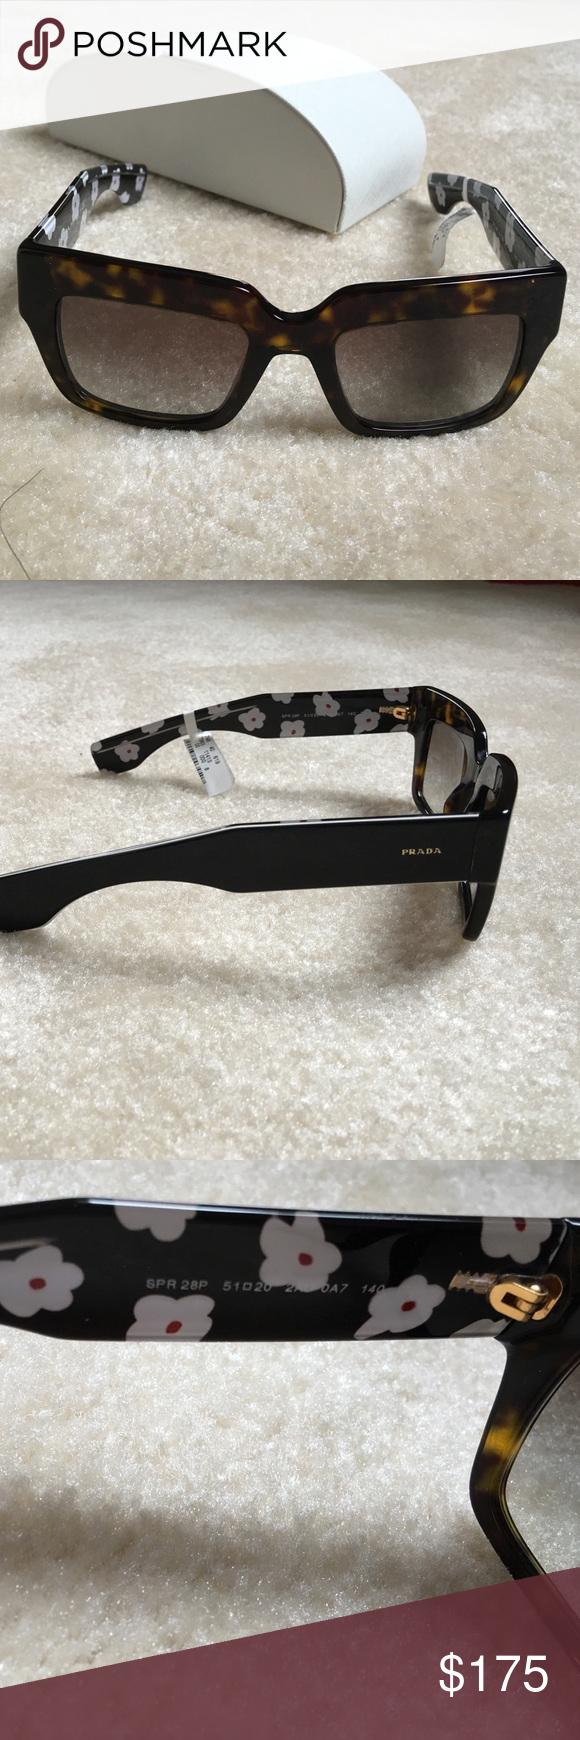 08896e31c5 Prada SPR 28P Sunglasses 2AU-0A7 3N Dark Tortoise Prada SPR 28P Sunglasses  2AU-0A7 3N Dark Tortoise Frame SPR28P. Comes with prada sunglasses case  Prada ...